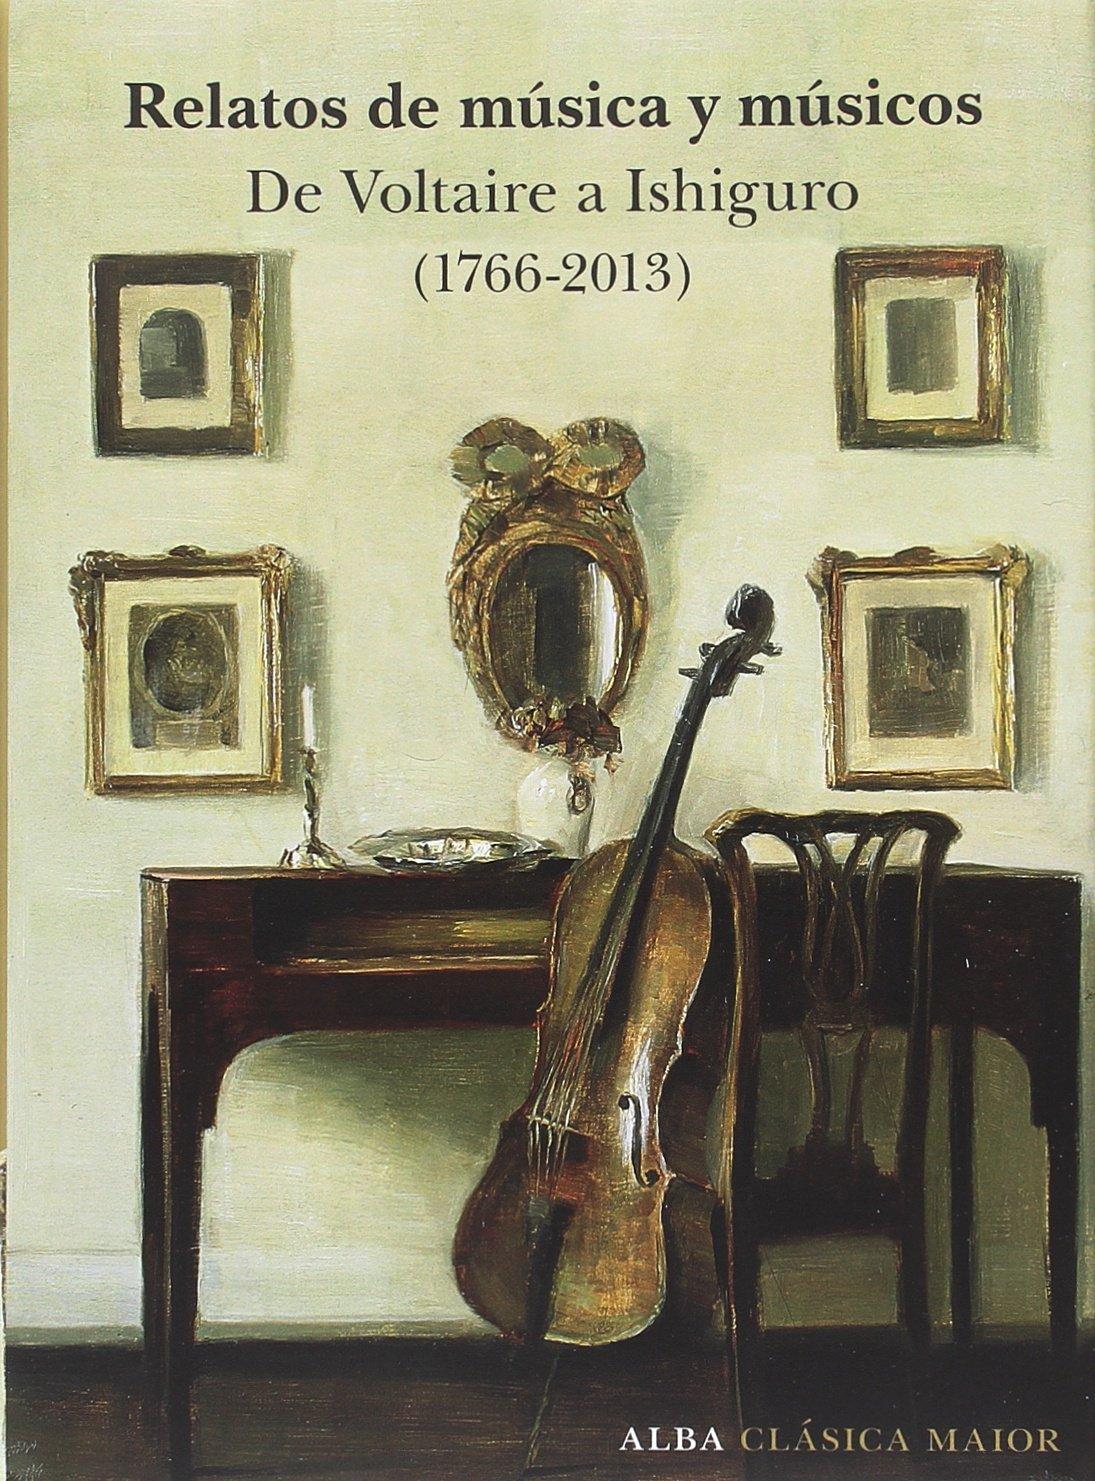 Relatos de música y músicos: De Volatire a Ishiguro 1766-2009 ...